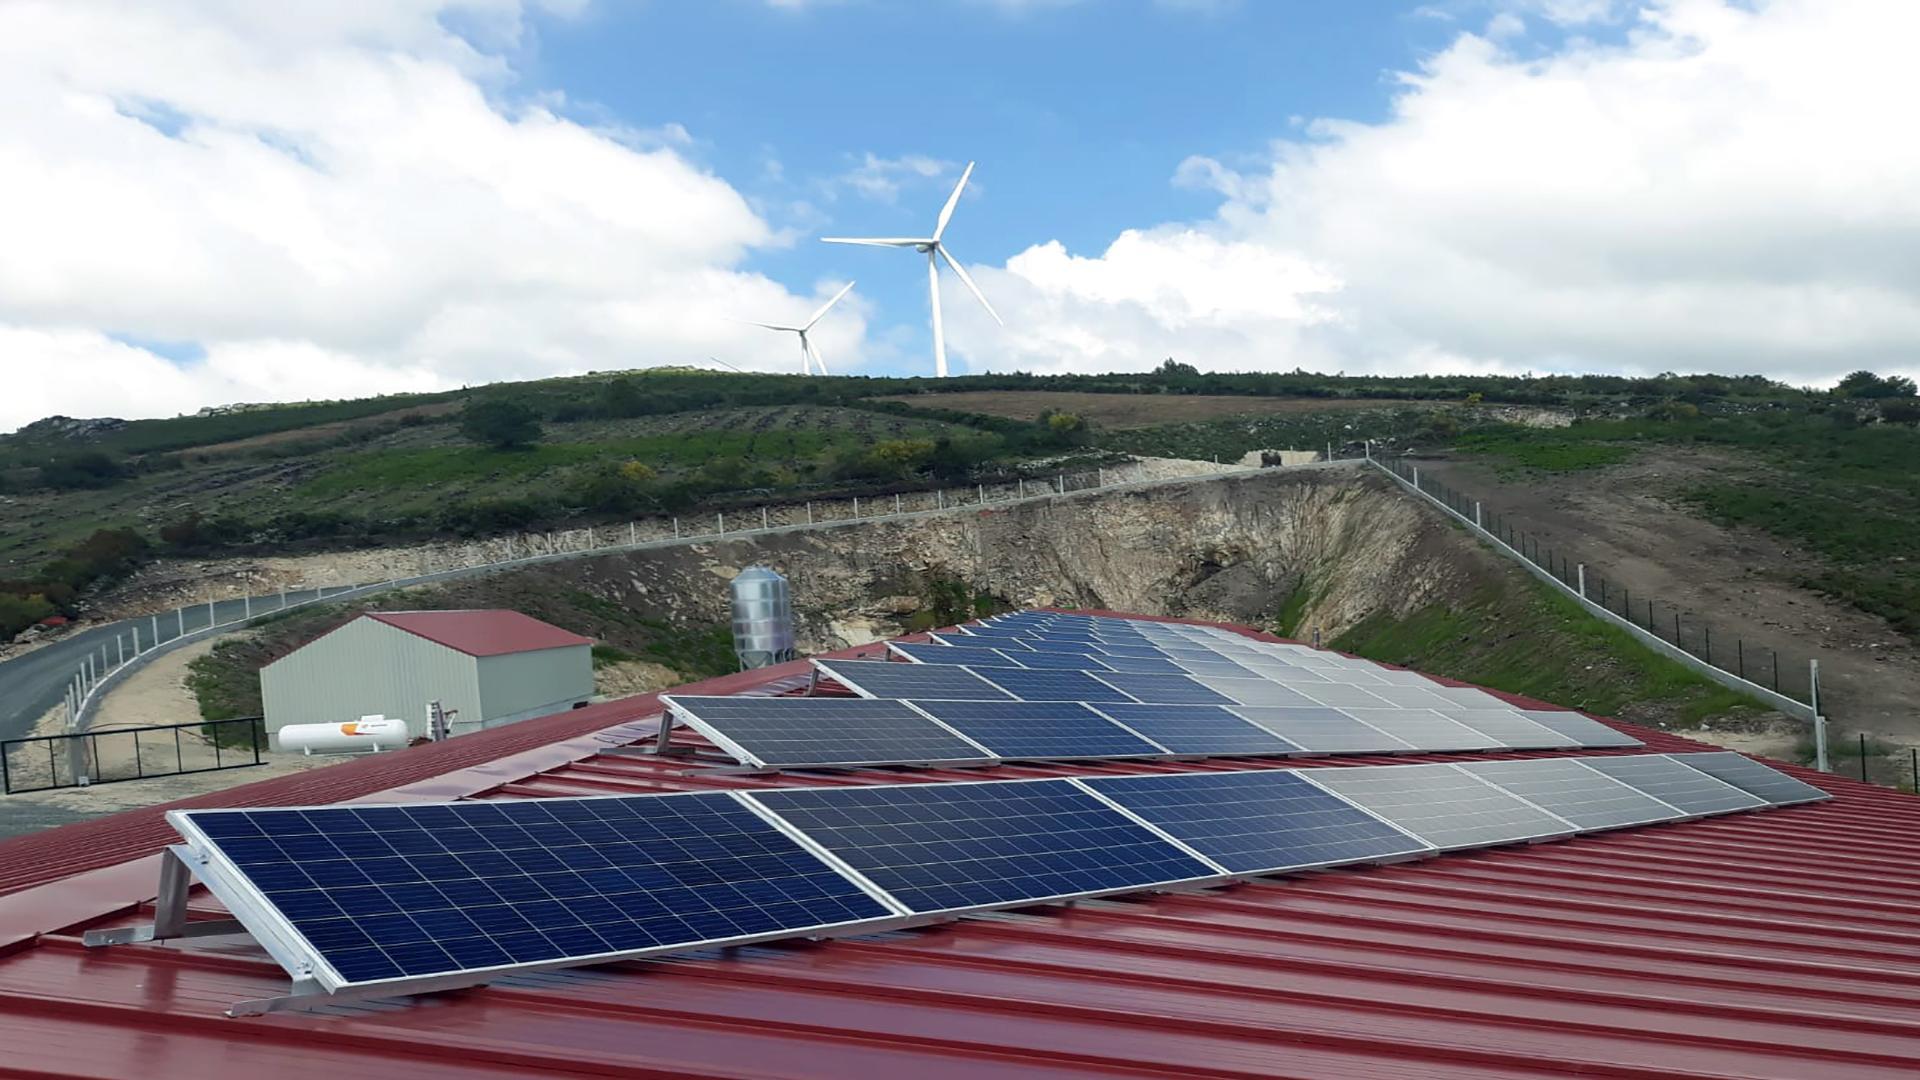 Instalación de autoconsumo fotovoltaico en Gateira | EDF Solar